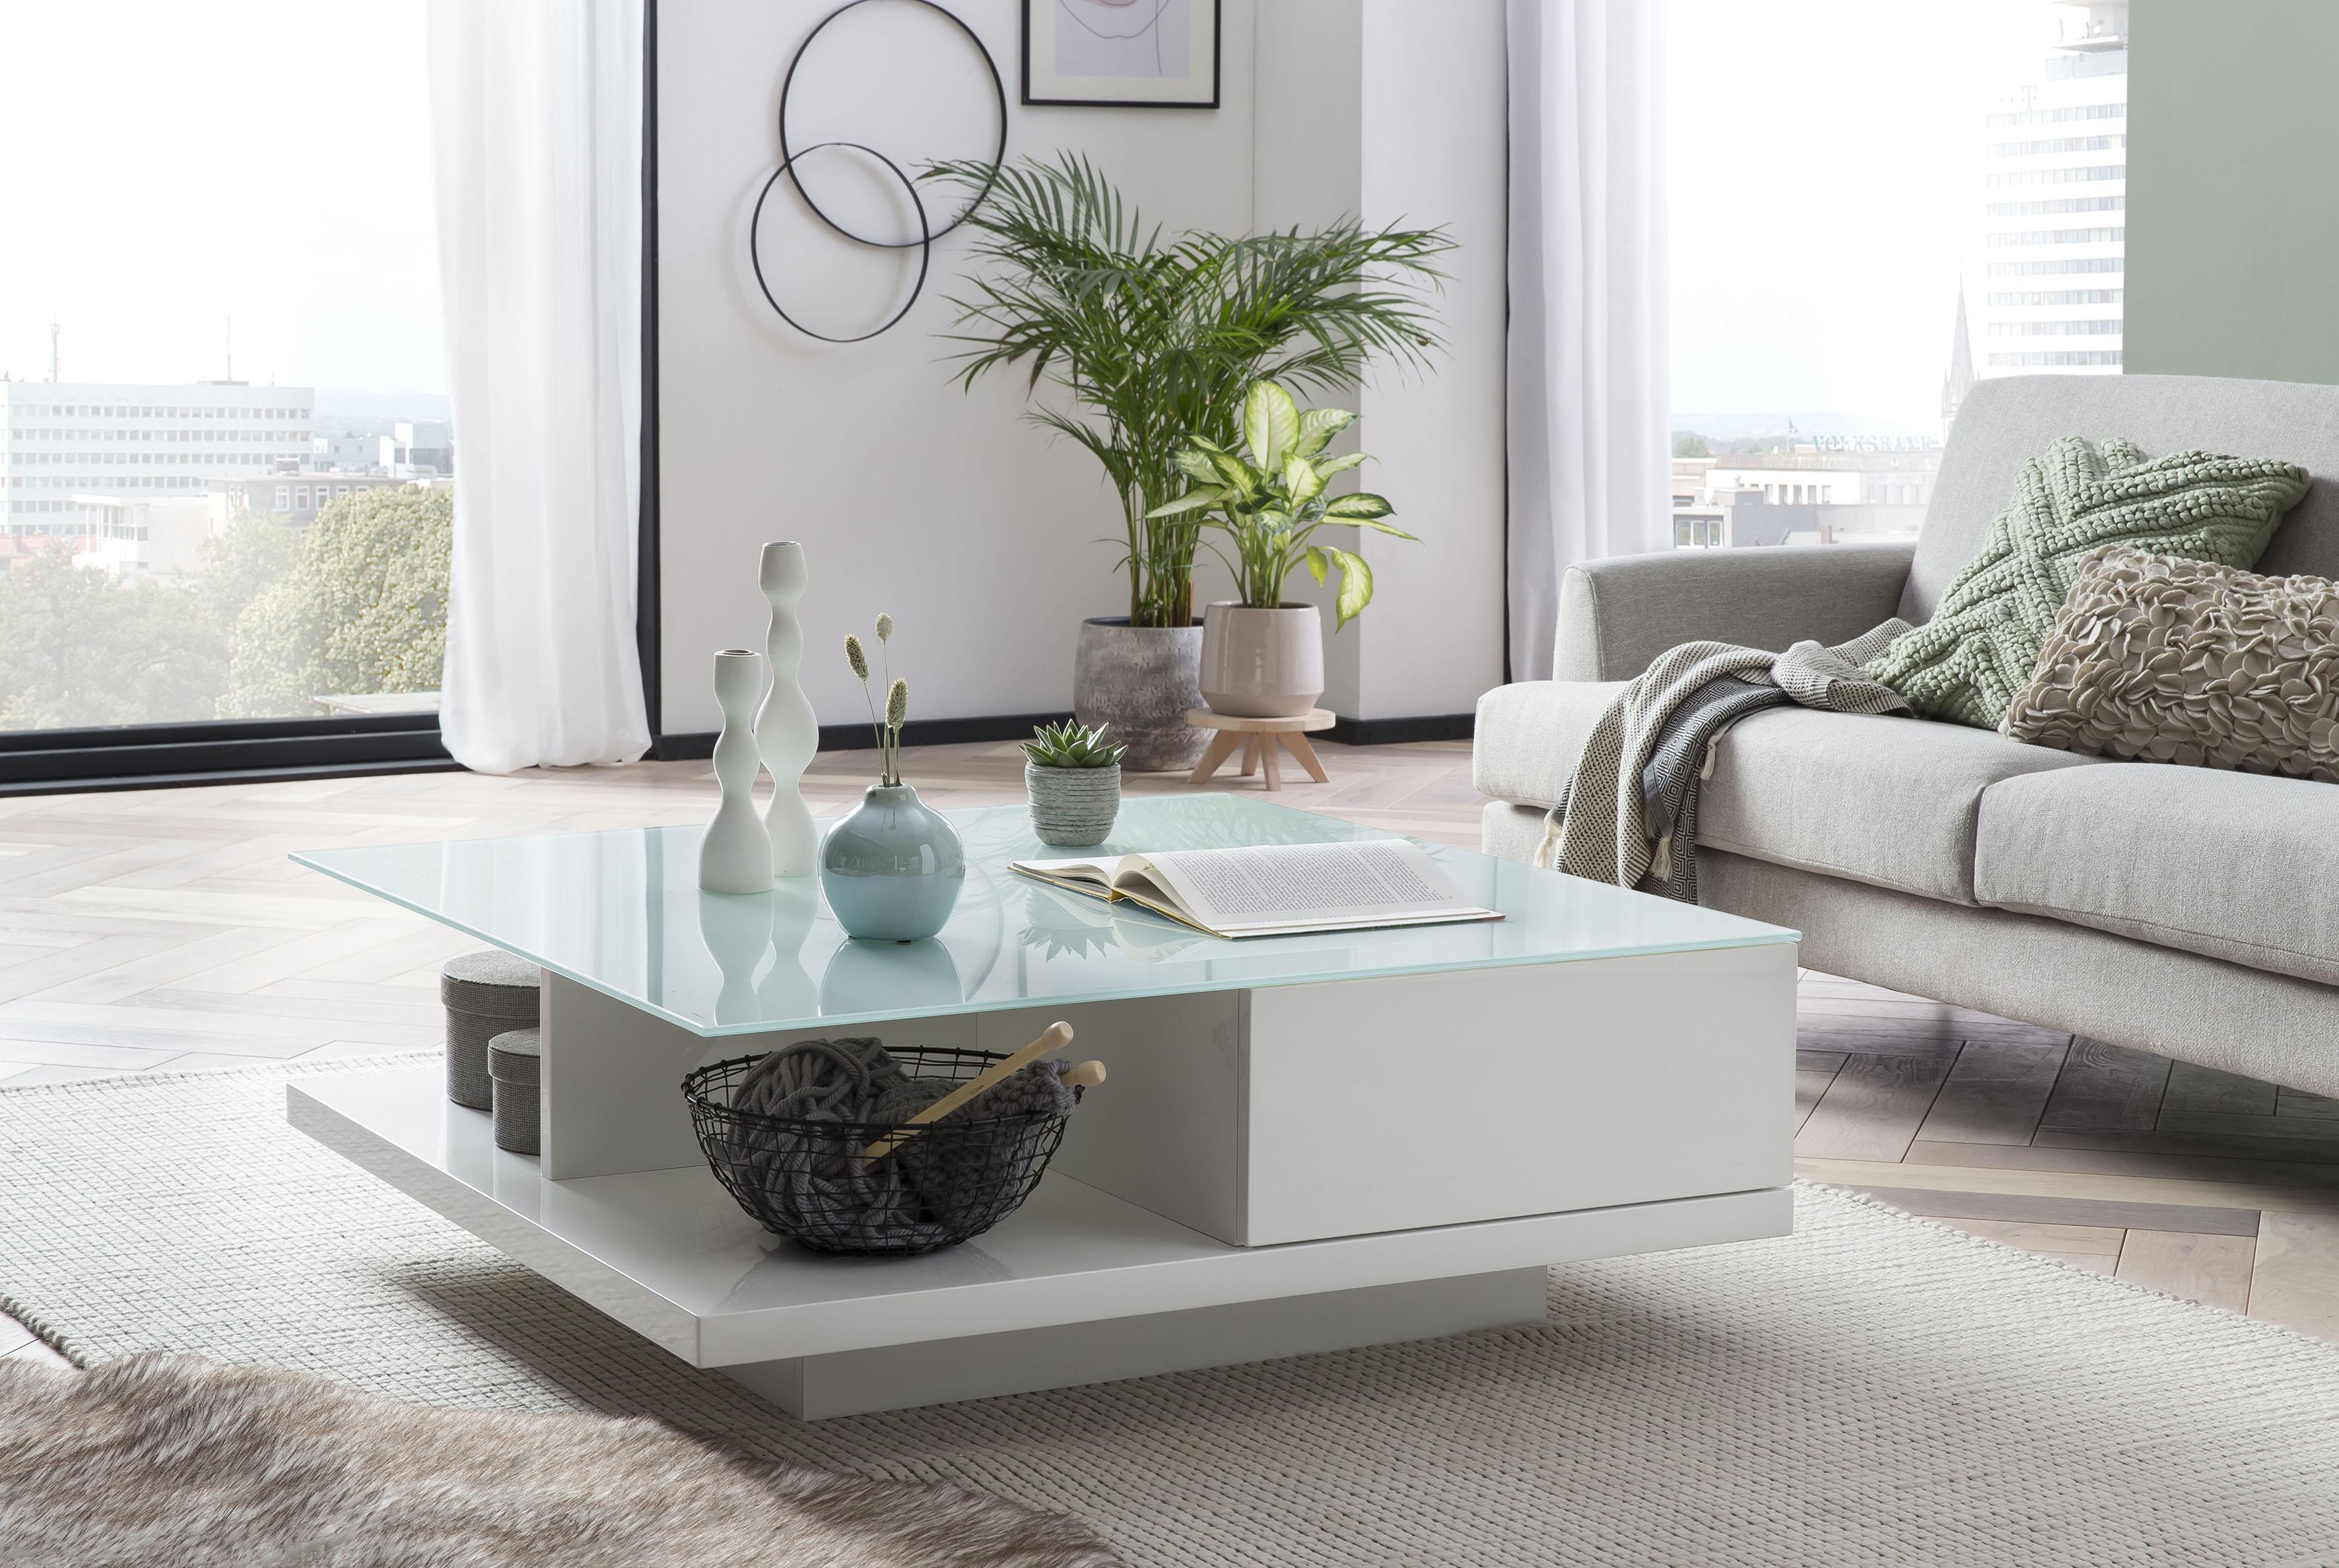 SalesFever Couchtisch, Tischplatte aus gehärtetem Kristallglas weiß Couchtische eckig Tische Couchtisch